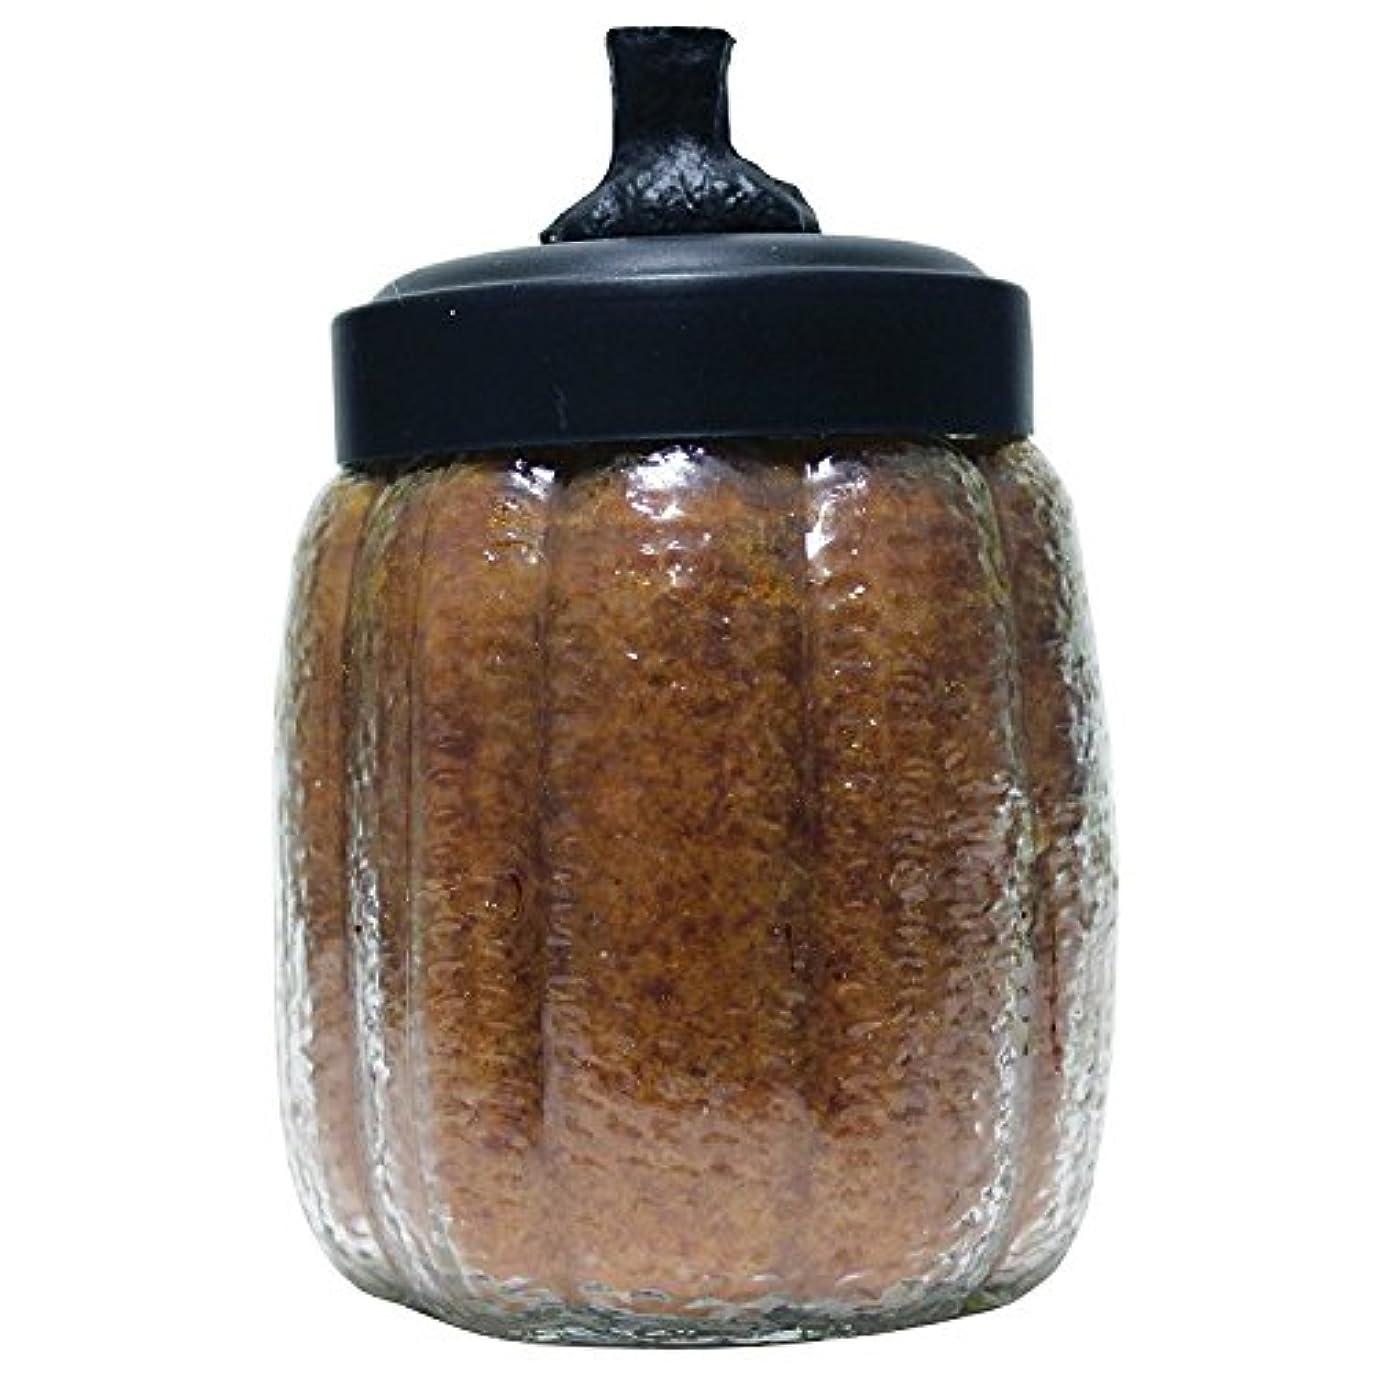 不変迷彩外国人A Cheerful Giver Papa's Pumpkin Pie Pumpkin Jar Candle, 15-Ounce by Cheerful Giver [並行輸入品]